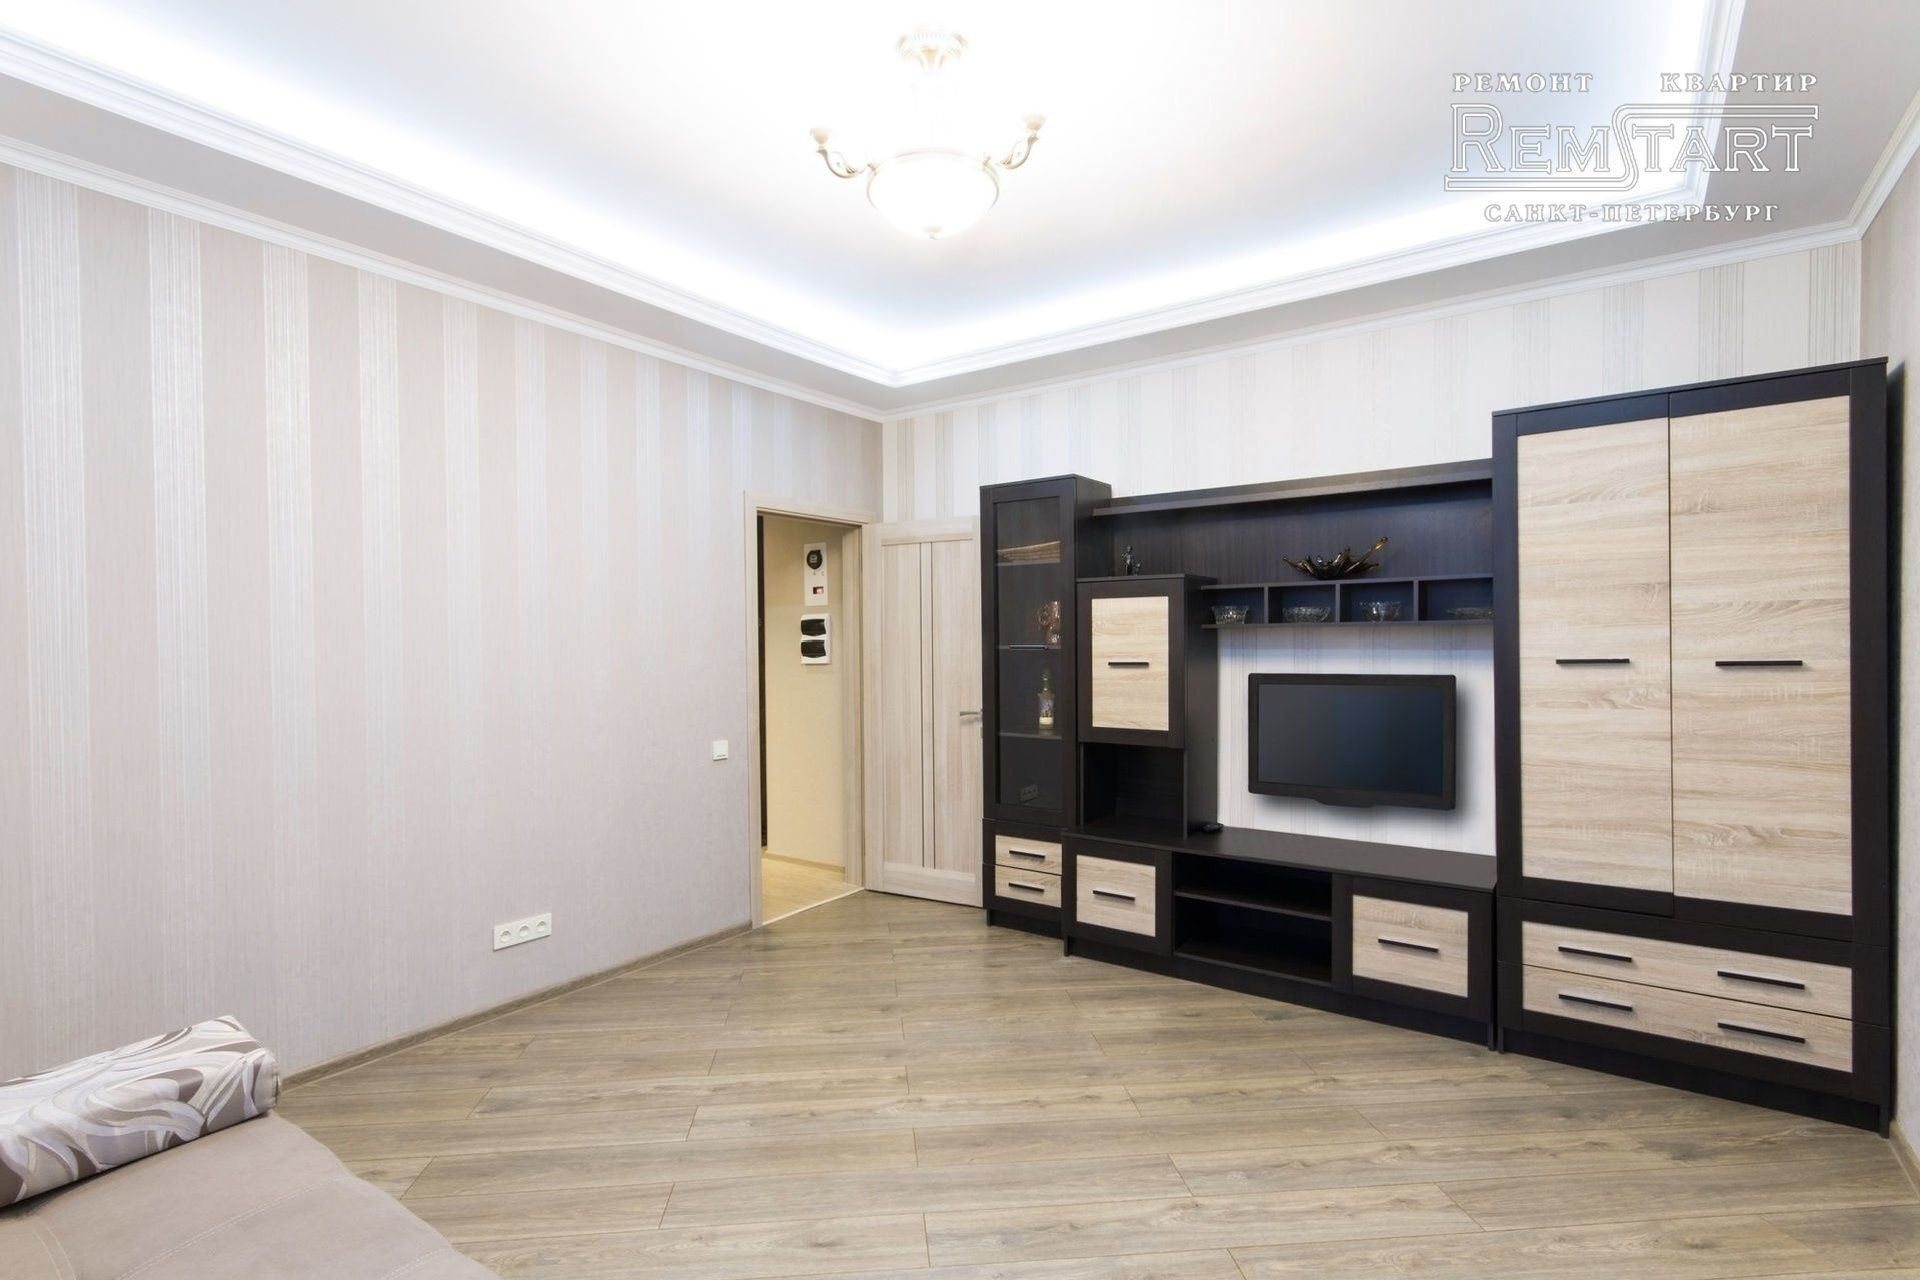 Сдам 2к квартиру 54 квм на Россия, Москва ул